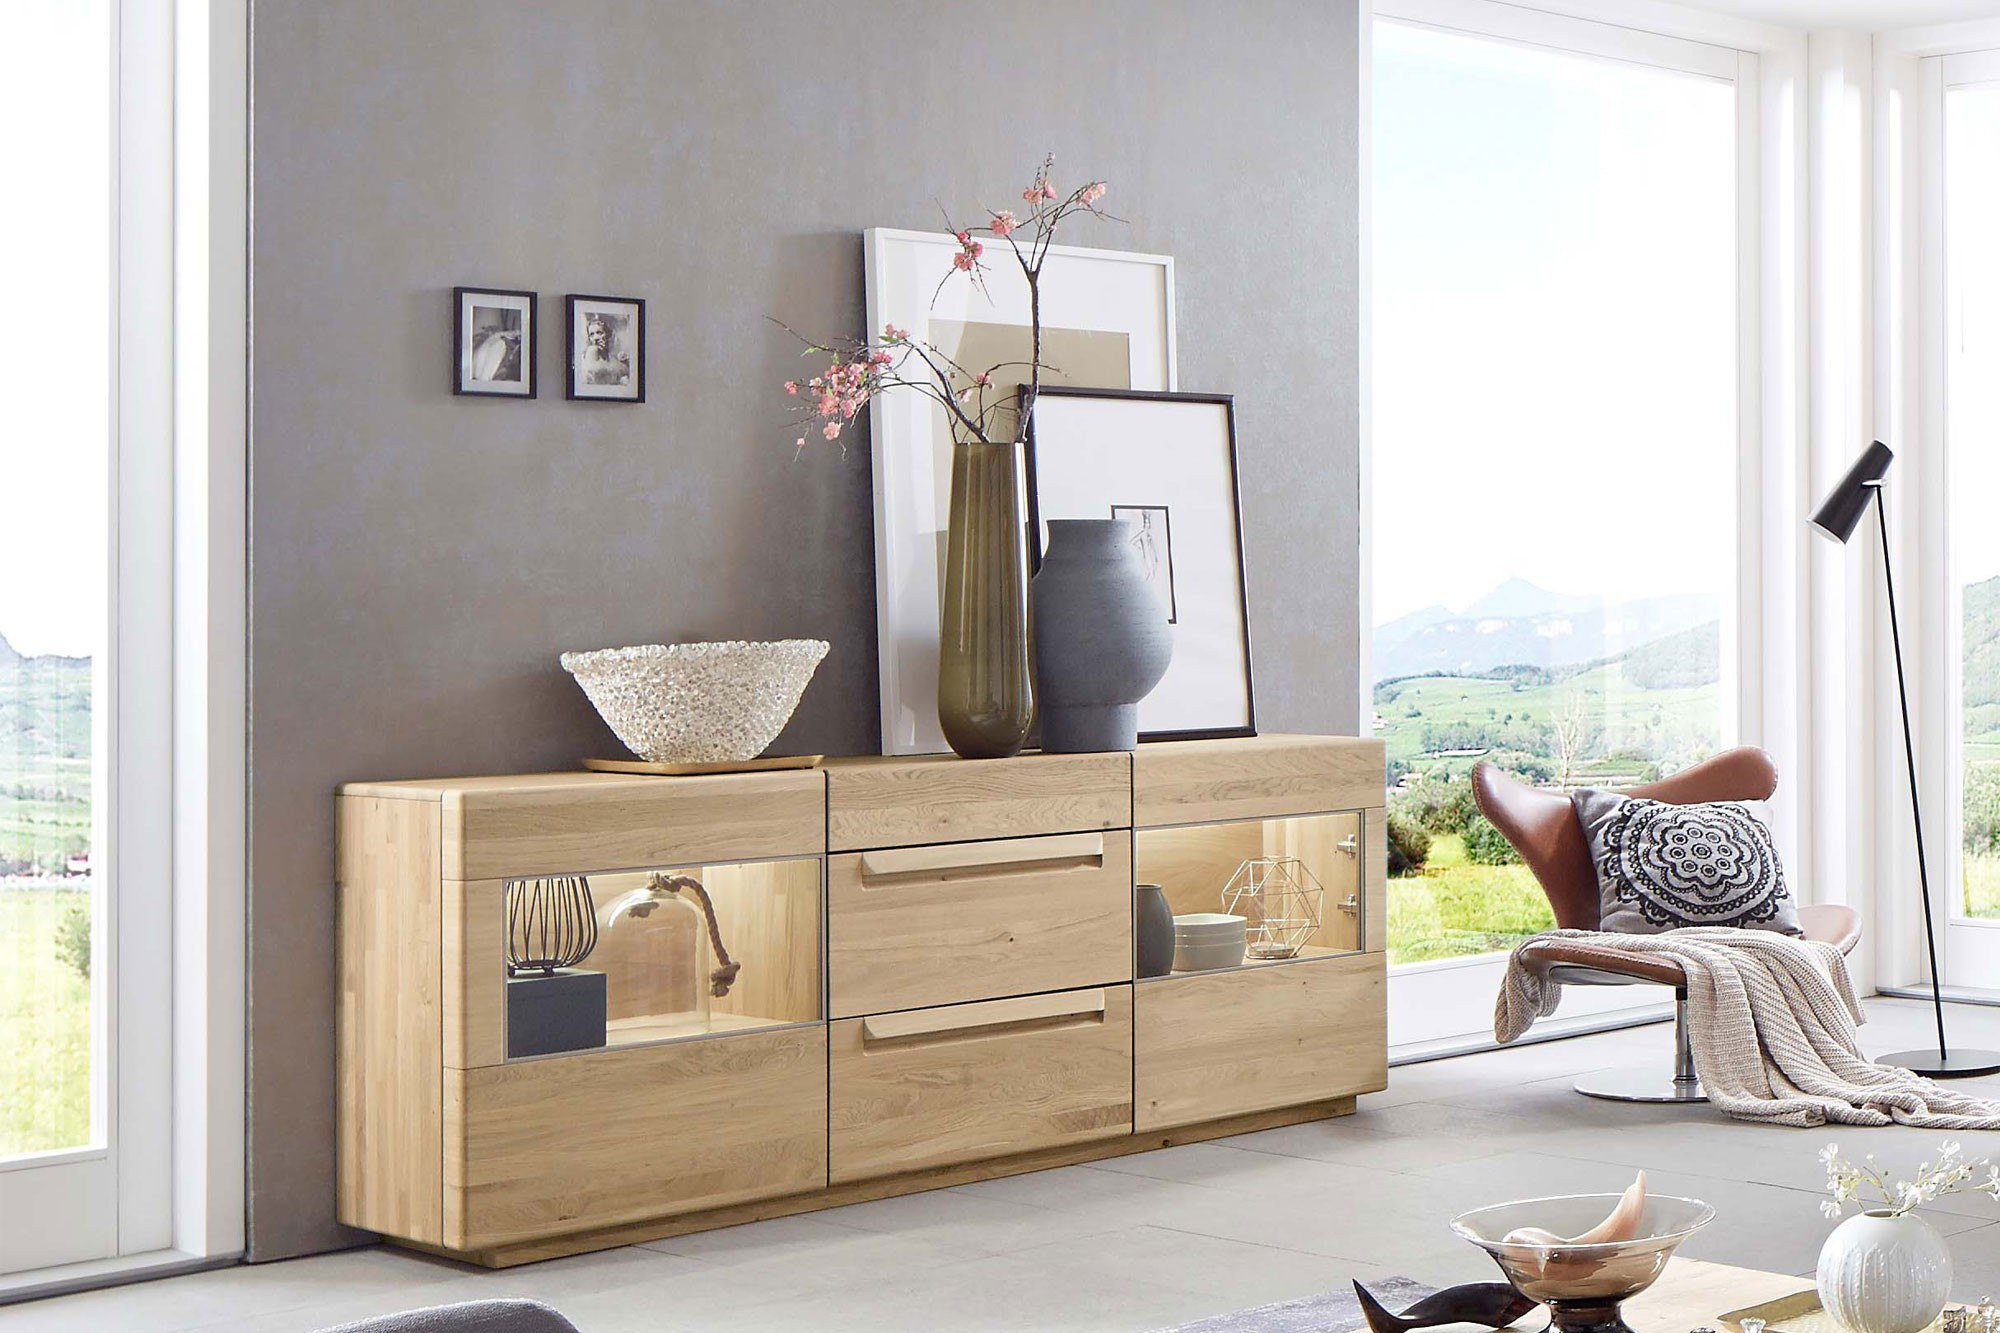 sideboard sapio wildeiche massiv von w stmann designm bel m bel letz ihr online shop. Black Bedroom Furniture Sets. Home Design Ideas